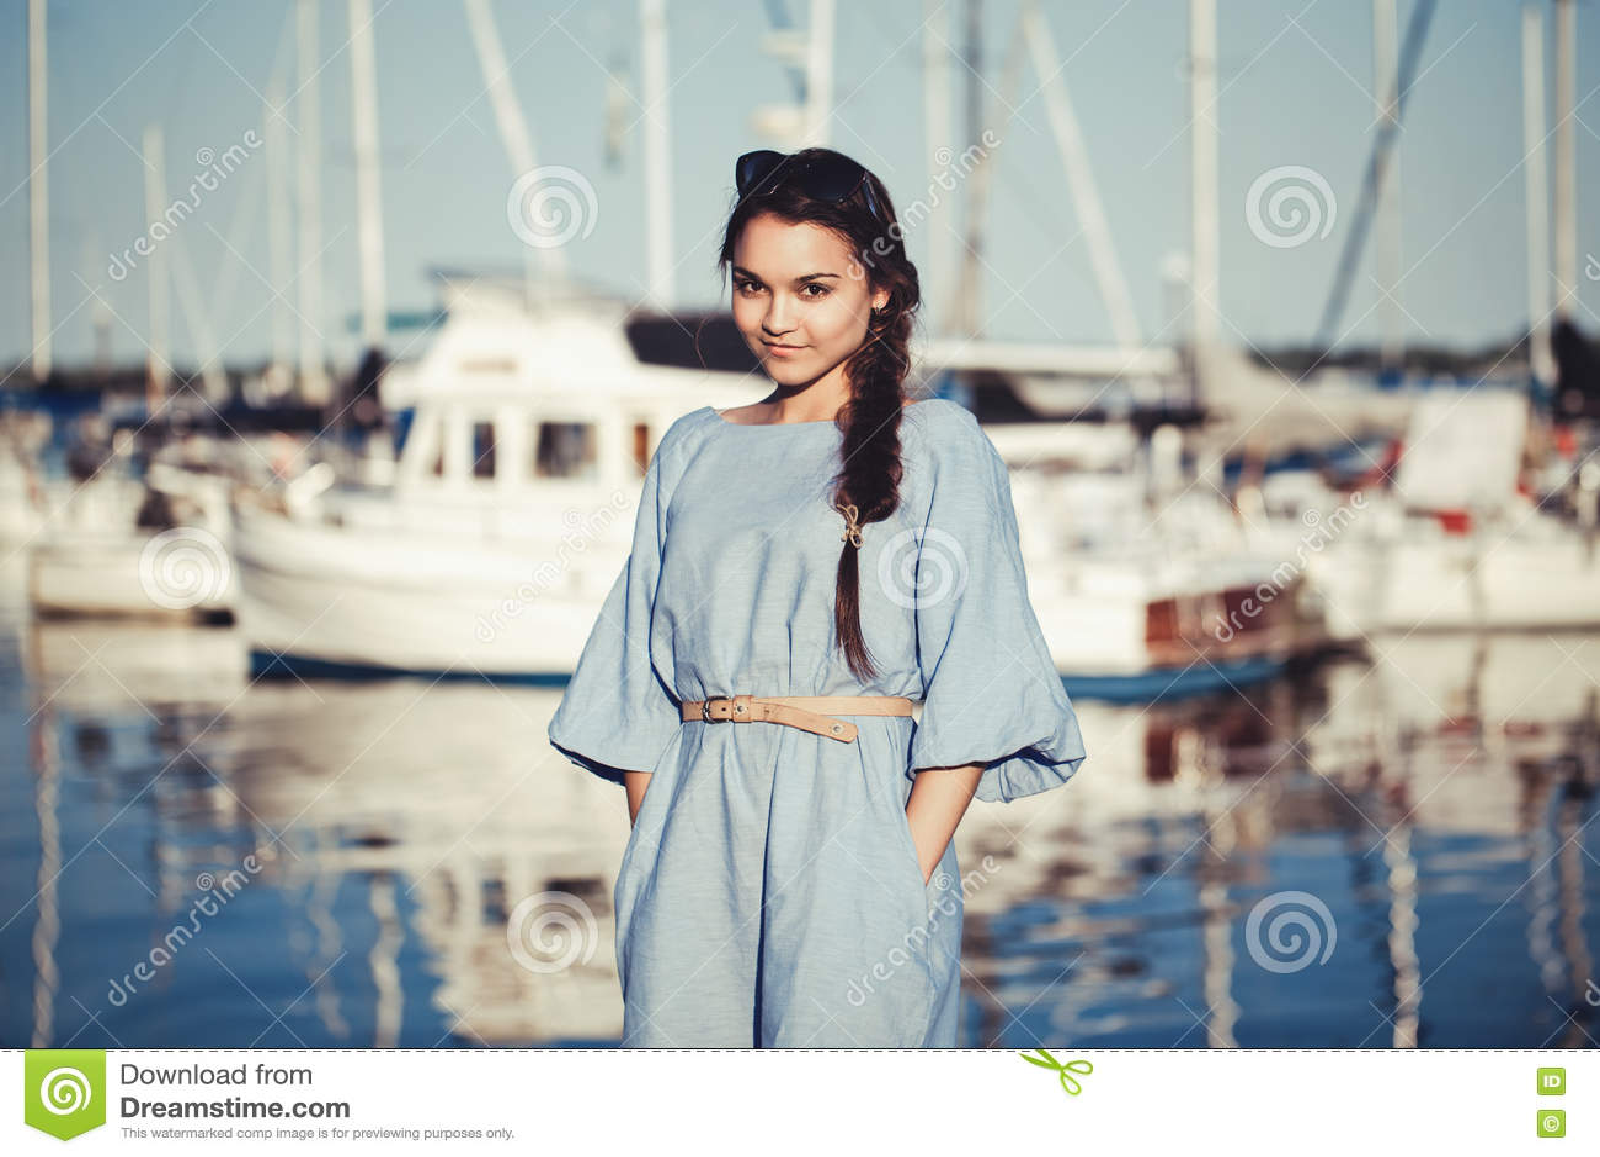 Retrato da mulher moreno caucasiano branca bonita com pele bronzeada no vestido azul, pelo litoral lakeshore